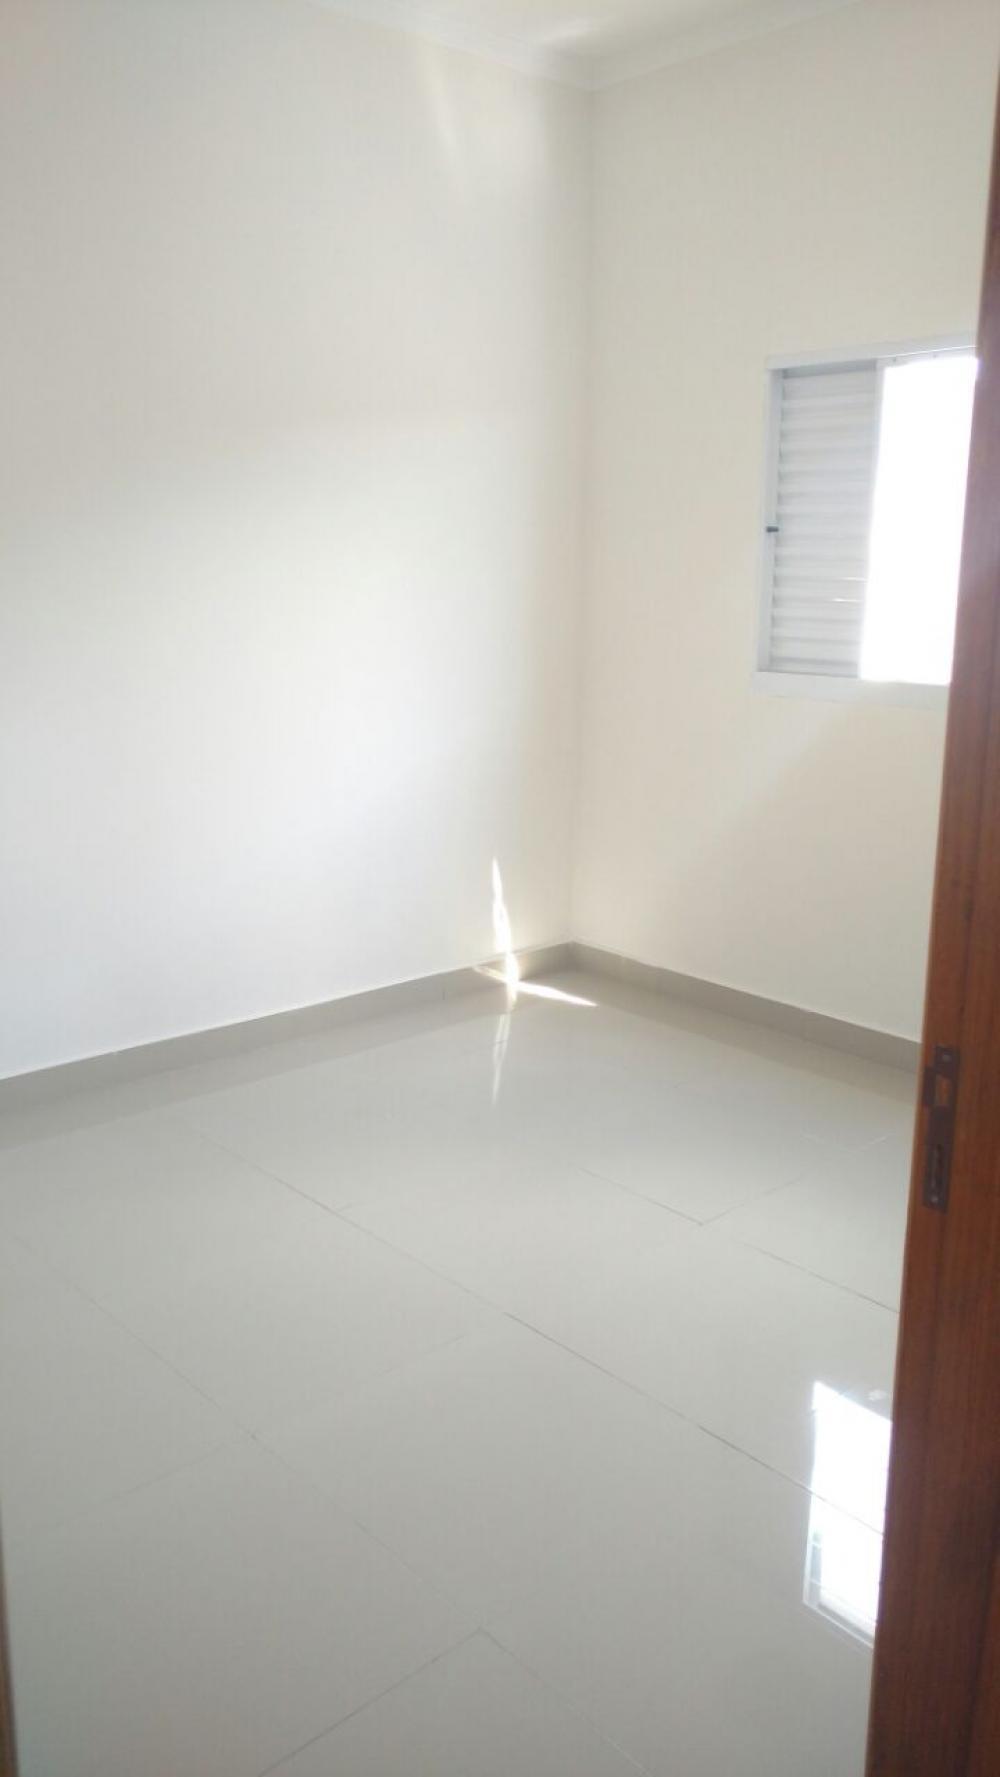 Comprar Casa / Padrão em São José do Rio Preto apenas R$ 300.000,00 - Foto 8